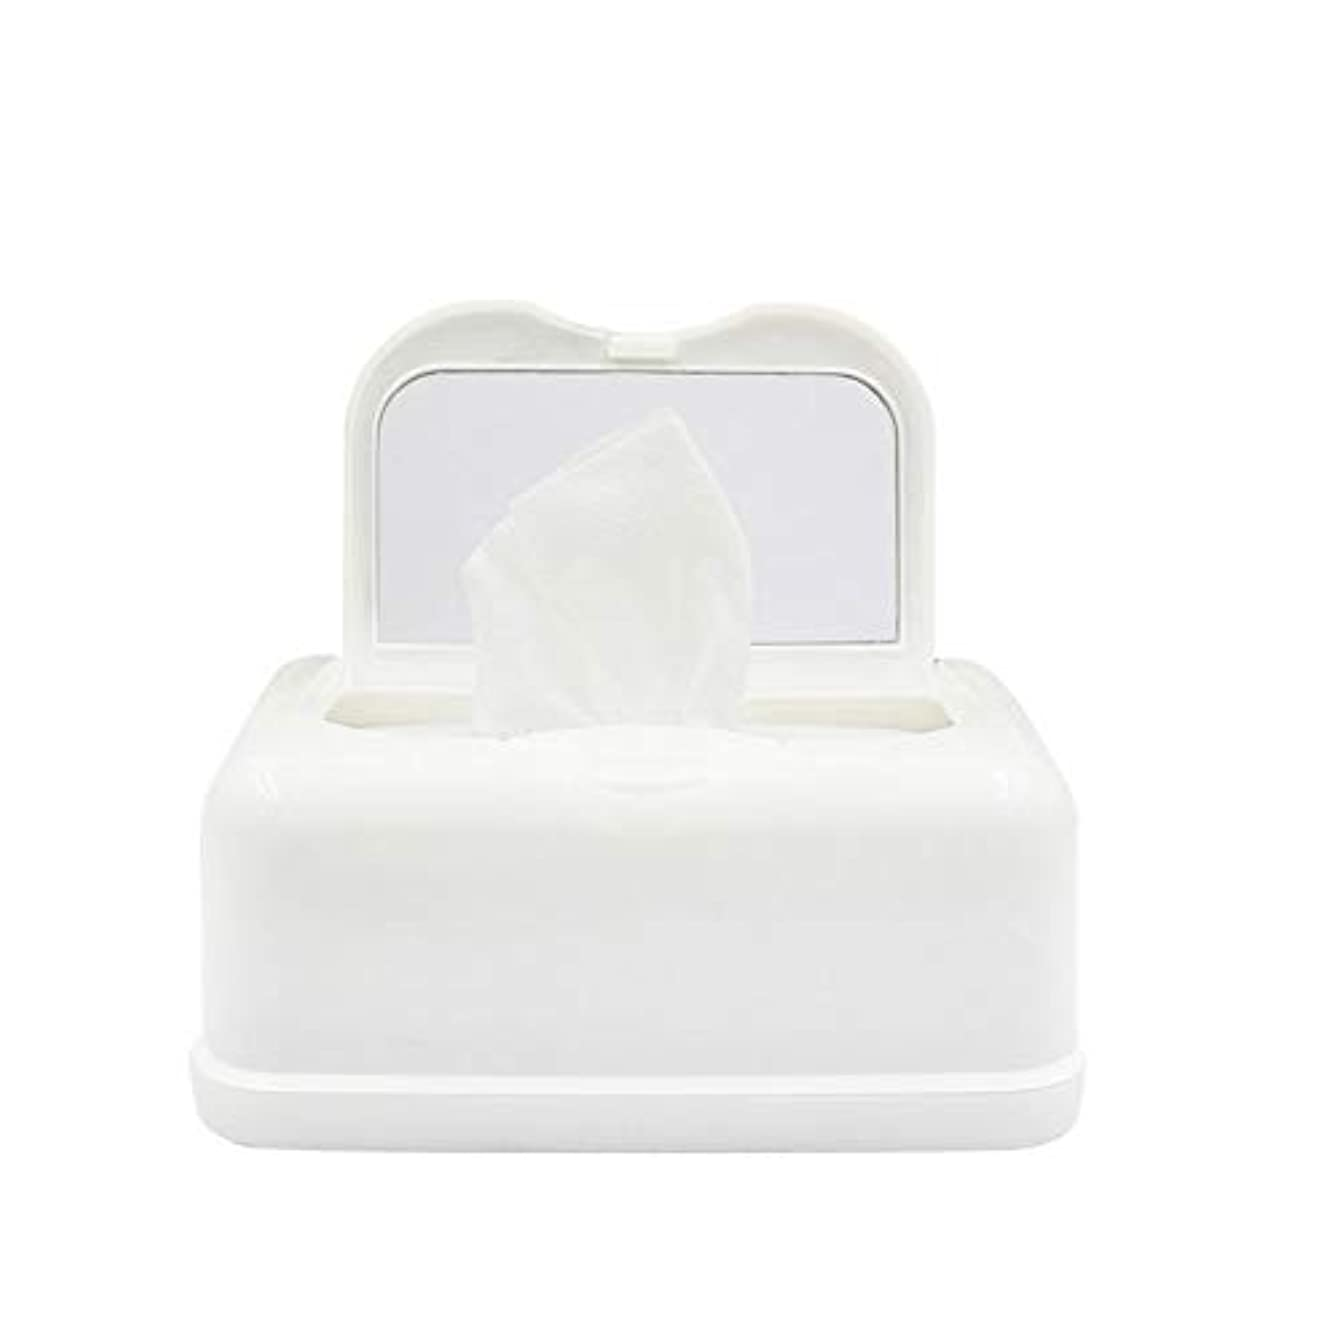 解き明かす打ち上げるパンダ120 /袋クレンジングワイプクレンジングワイプは、敏感肌のクレンジングワイプ